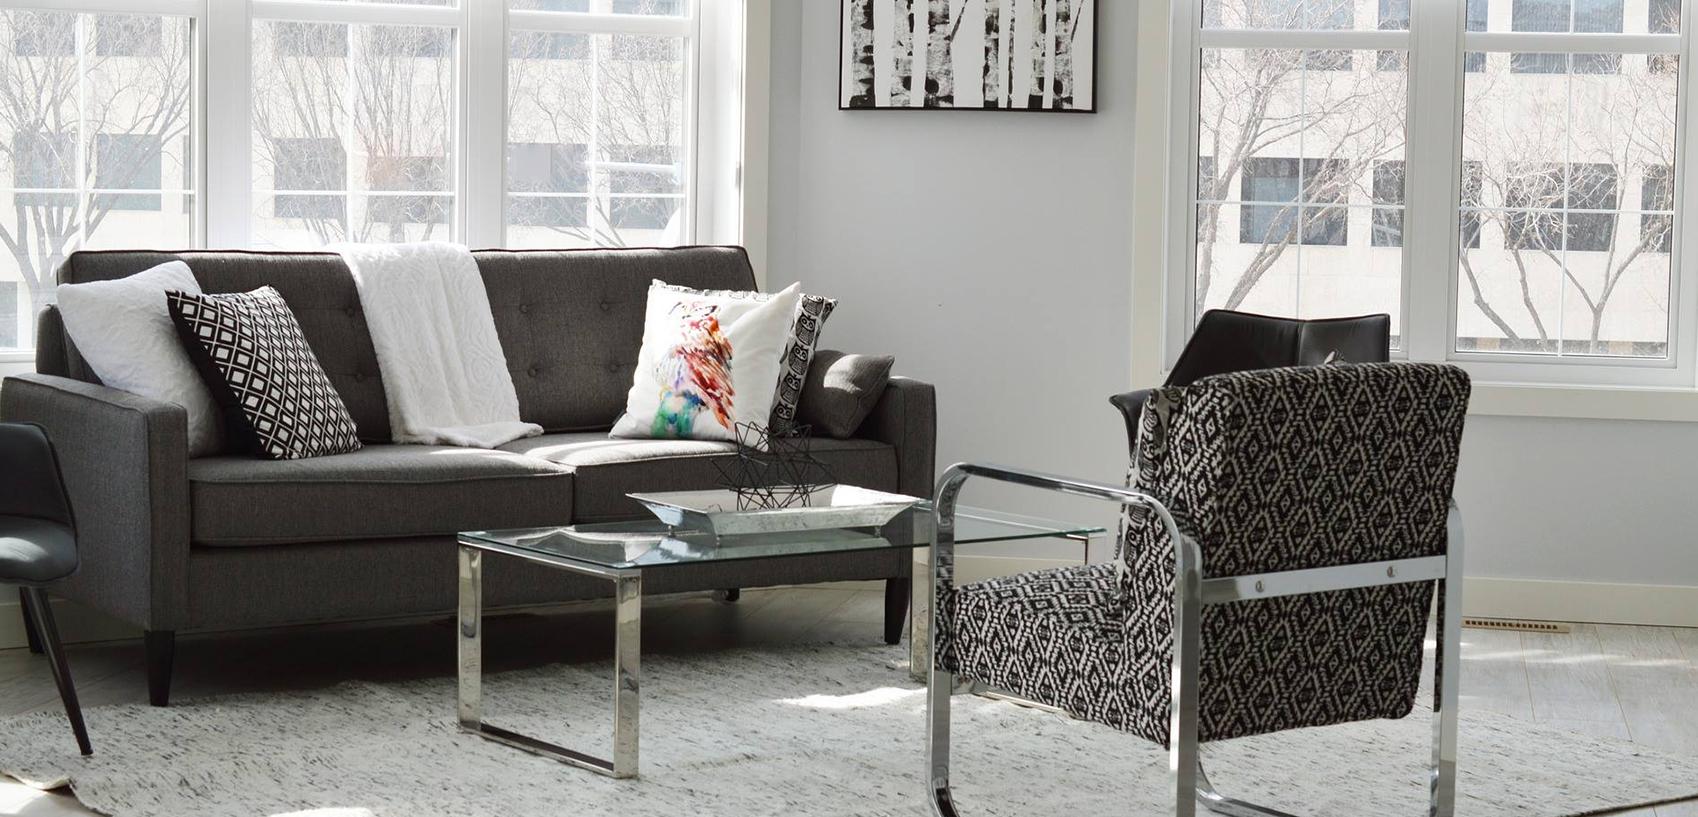 Le qualità di un'agenzia immobiliare che utilizza l' Home Staging